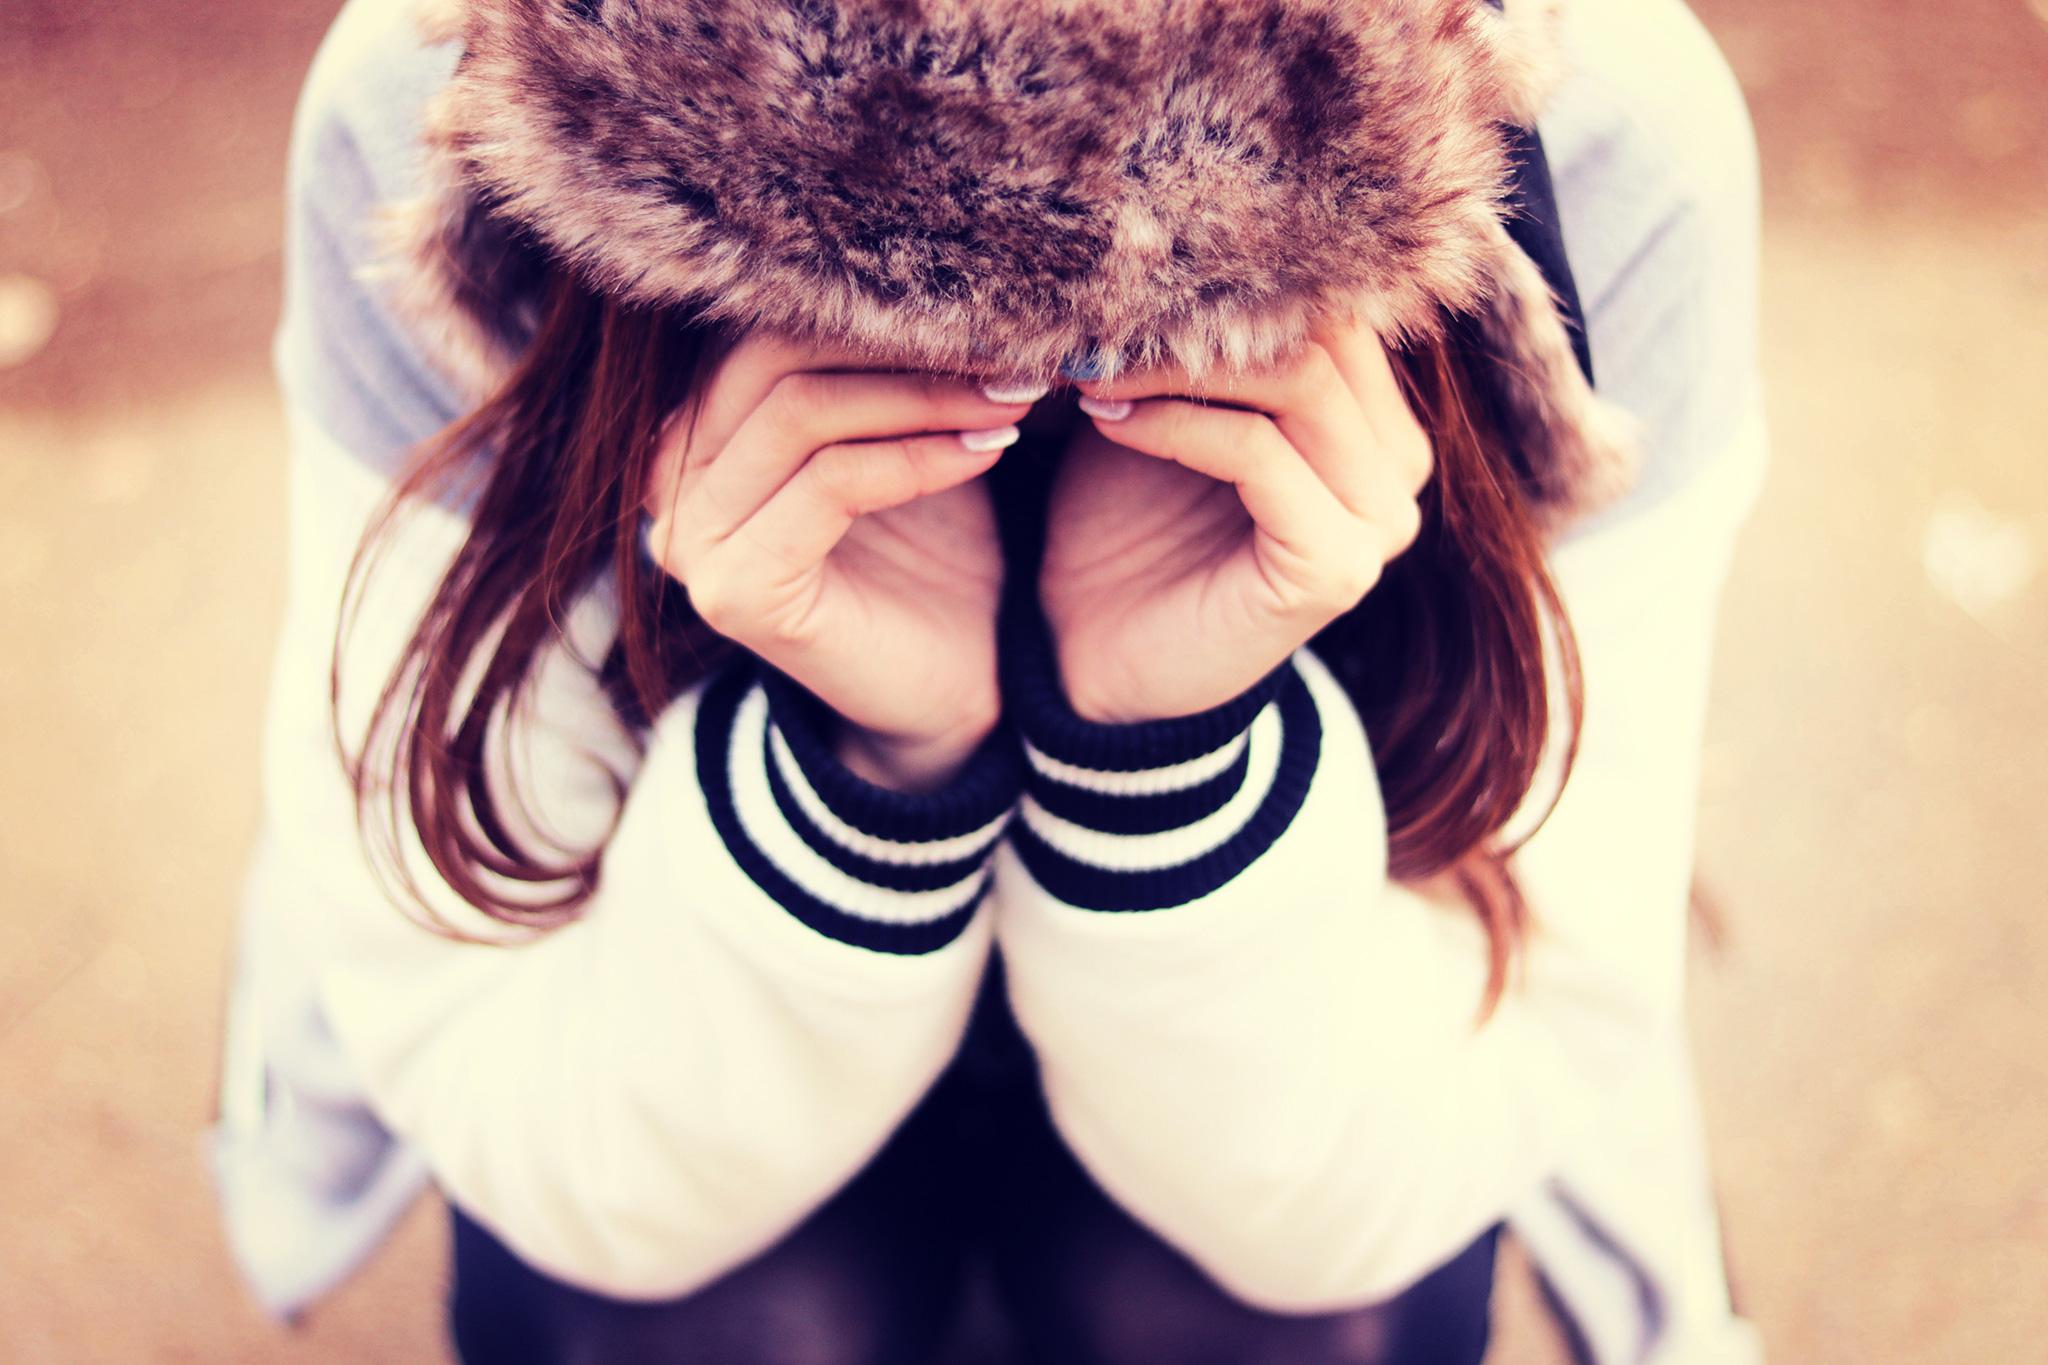 「うまく笑えない・・・」ストレスから解放され前向きになる方法○つ